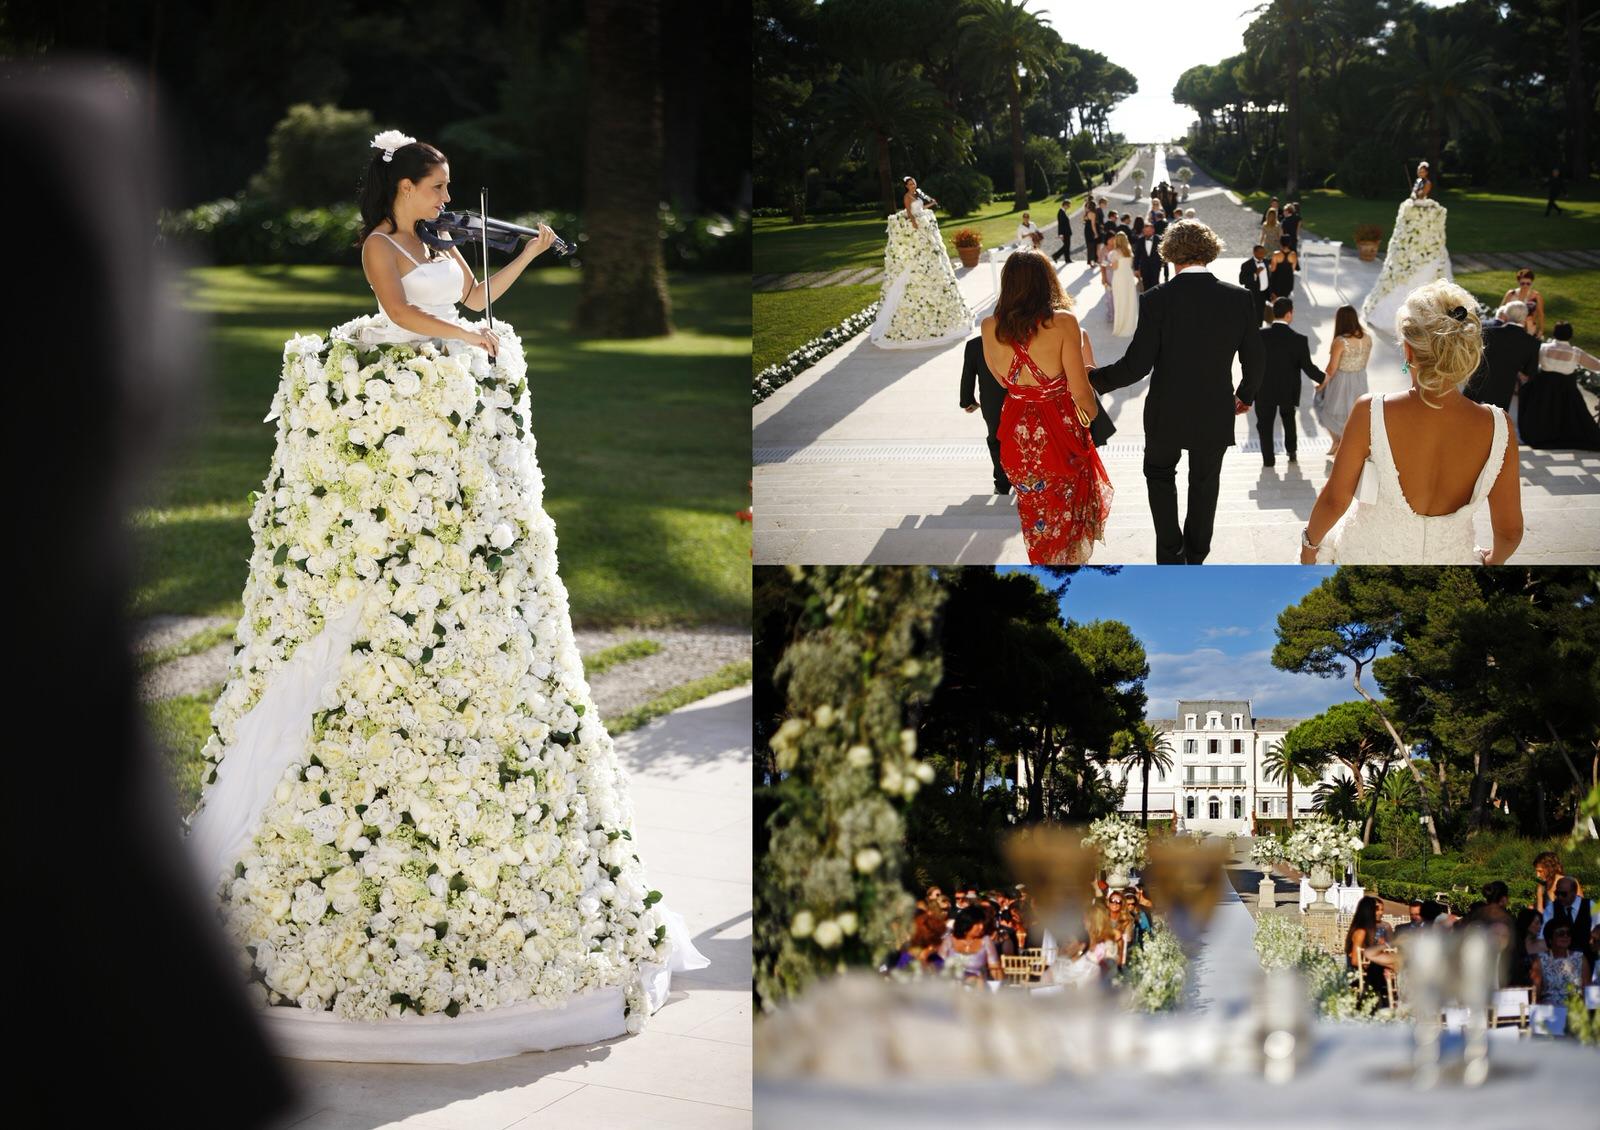 french-wedding-wedding-in-france-destination-wedding-photographer_0007.jpg